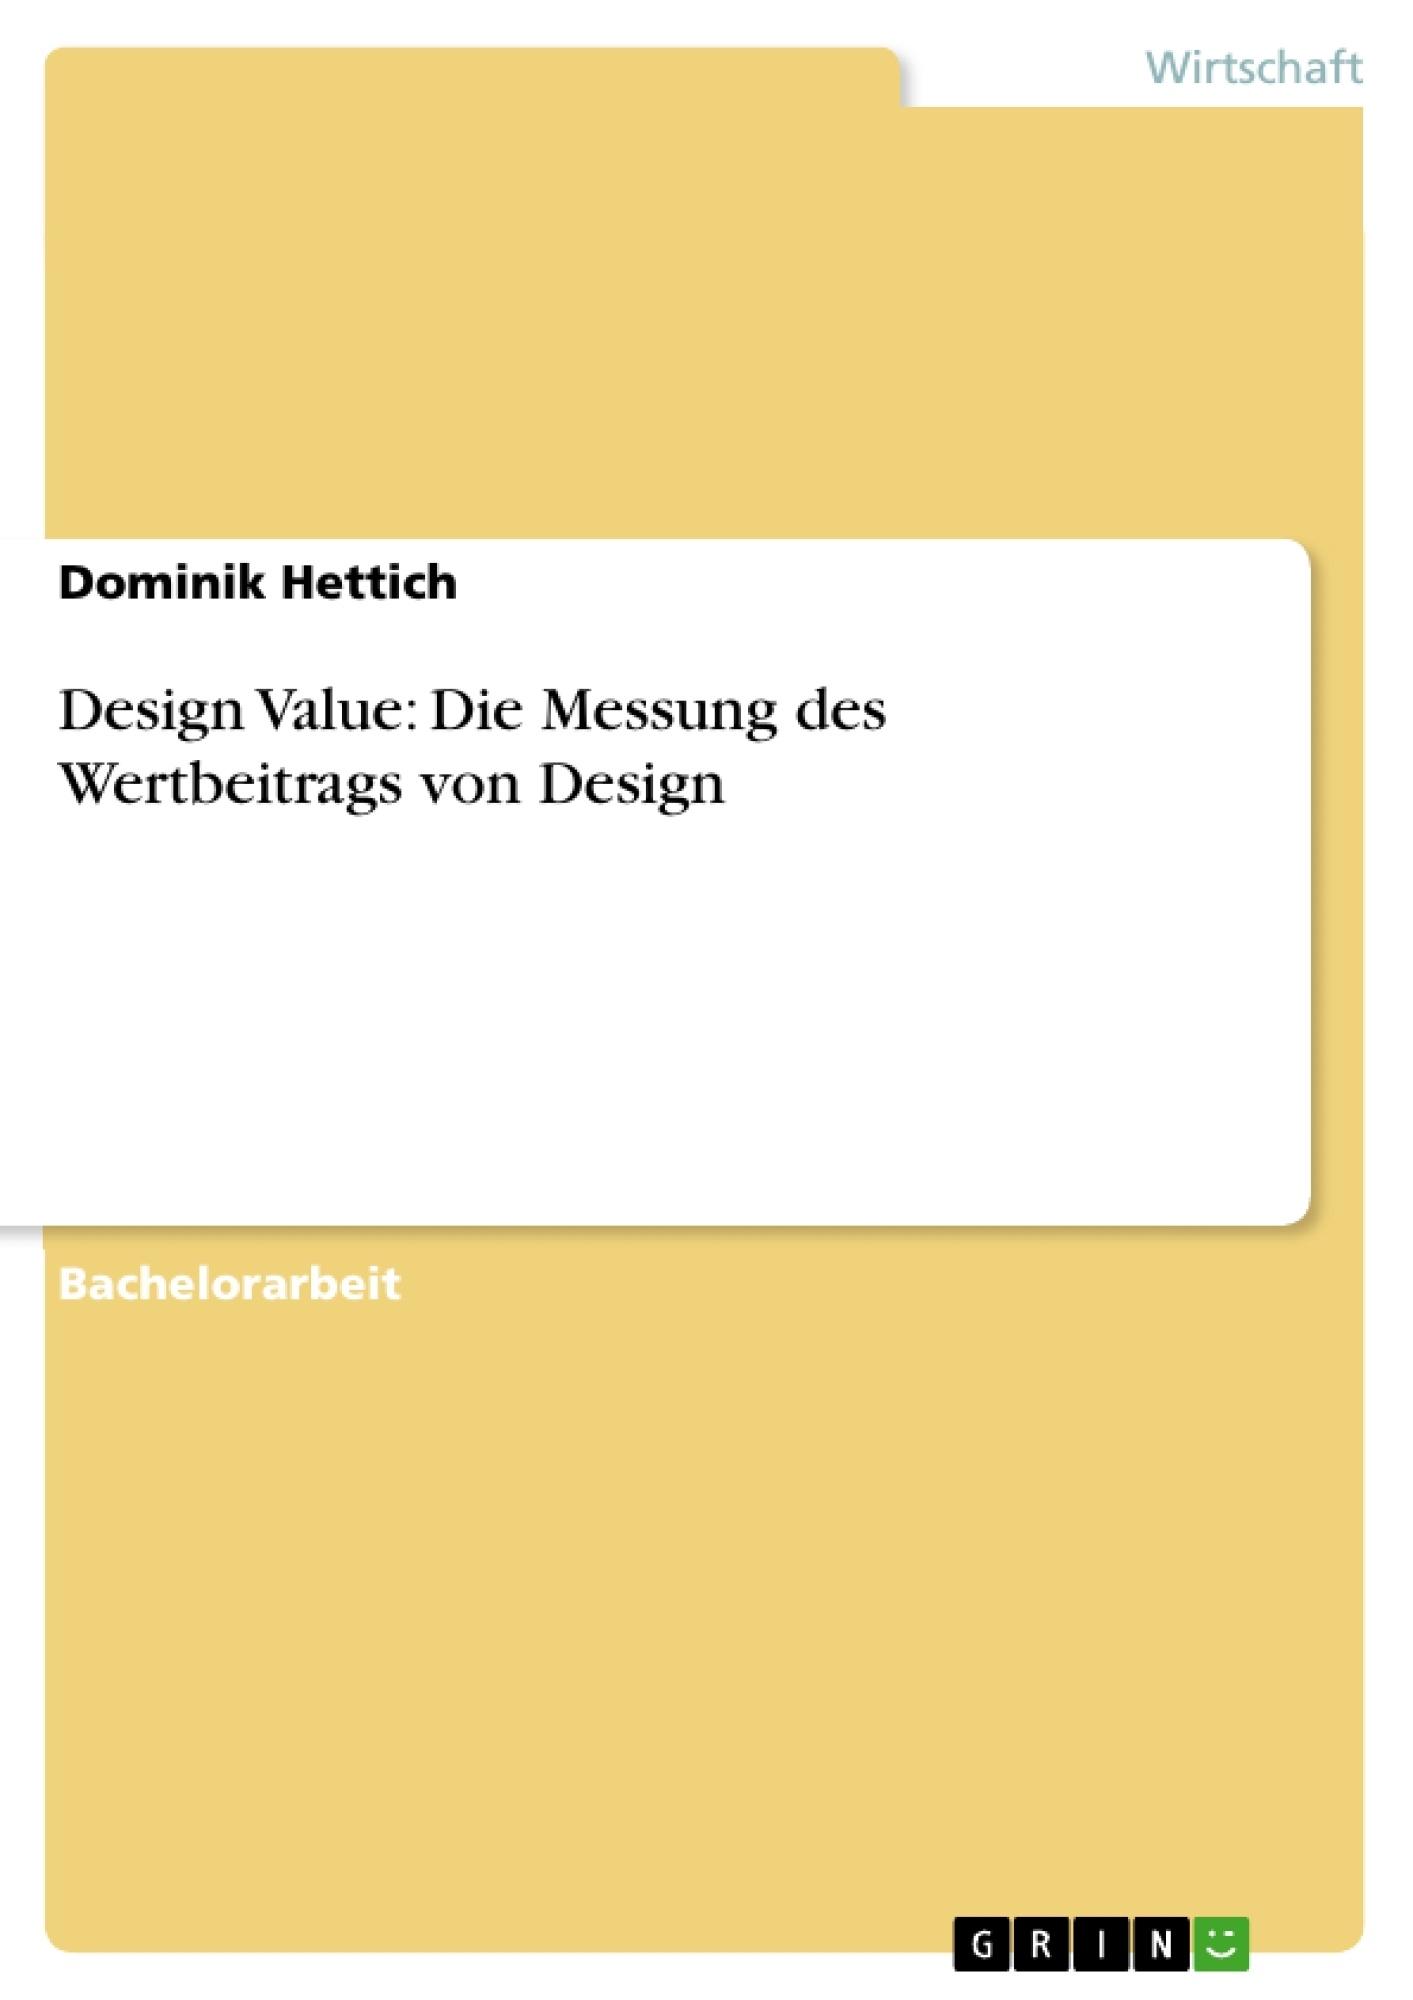 86ba94227d Design Value: Die Messung des Wertbeitrags von Design | Masterarbeit ...